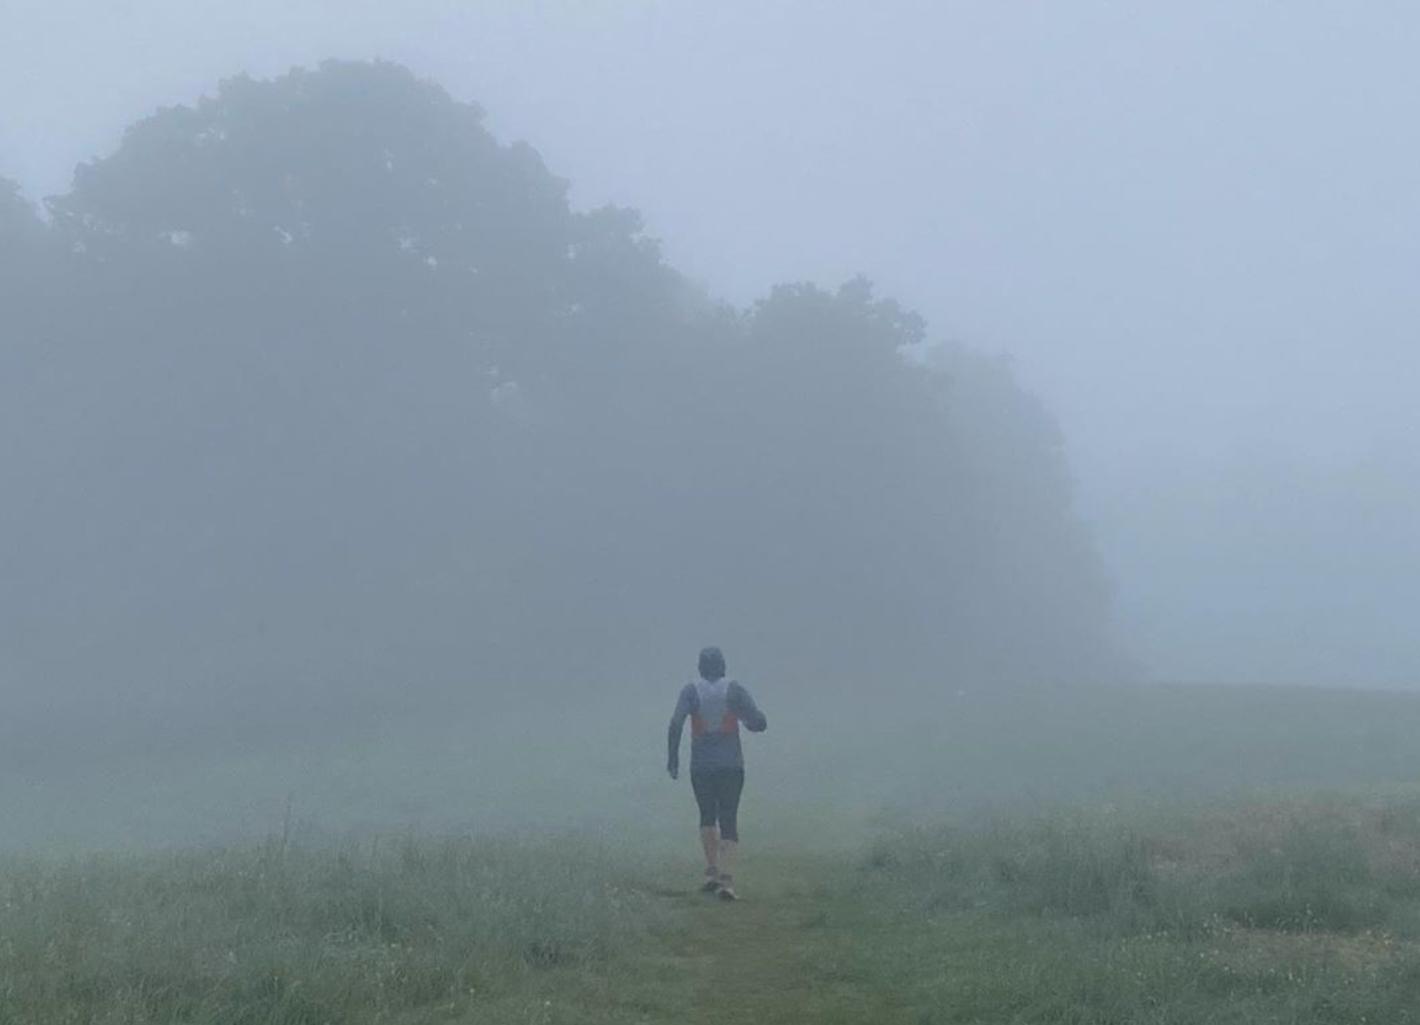 Löpare springer i hage med dimma